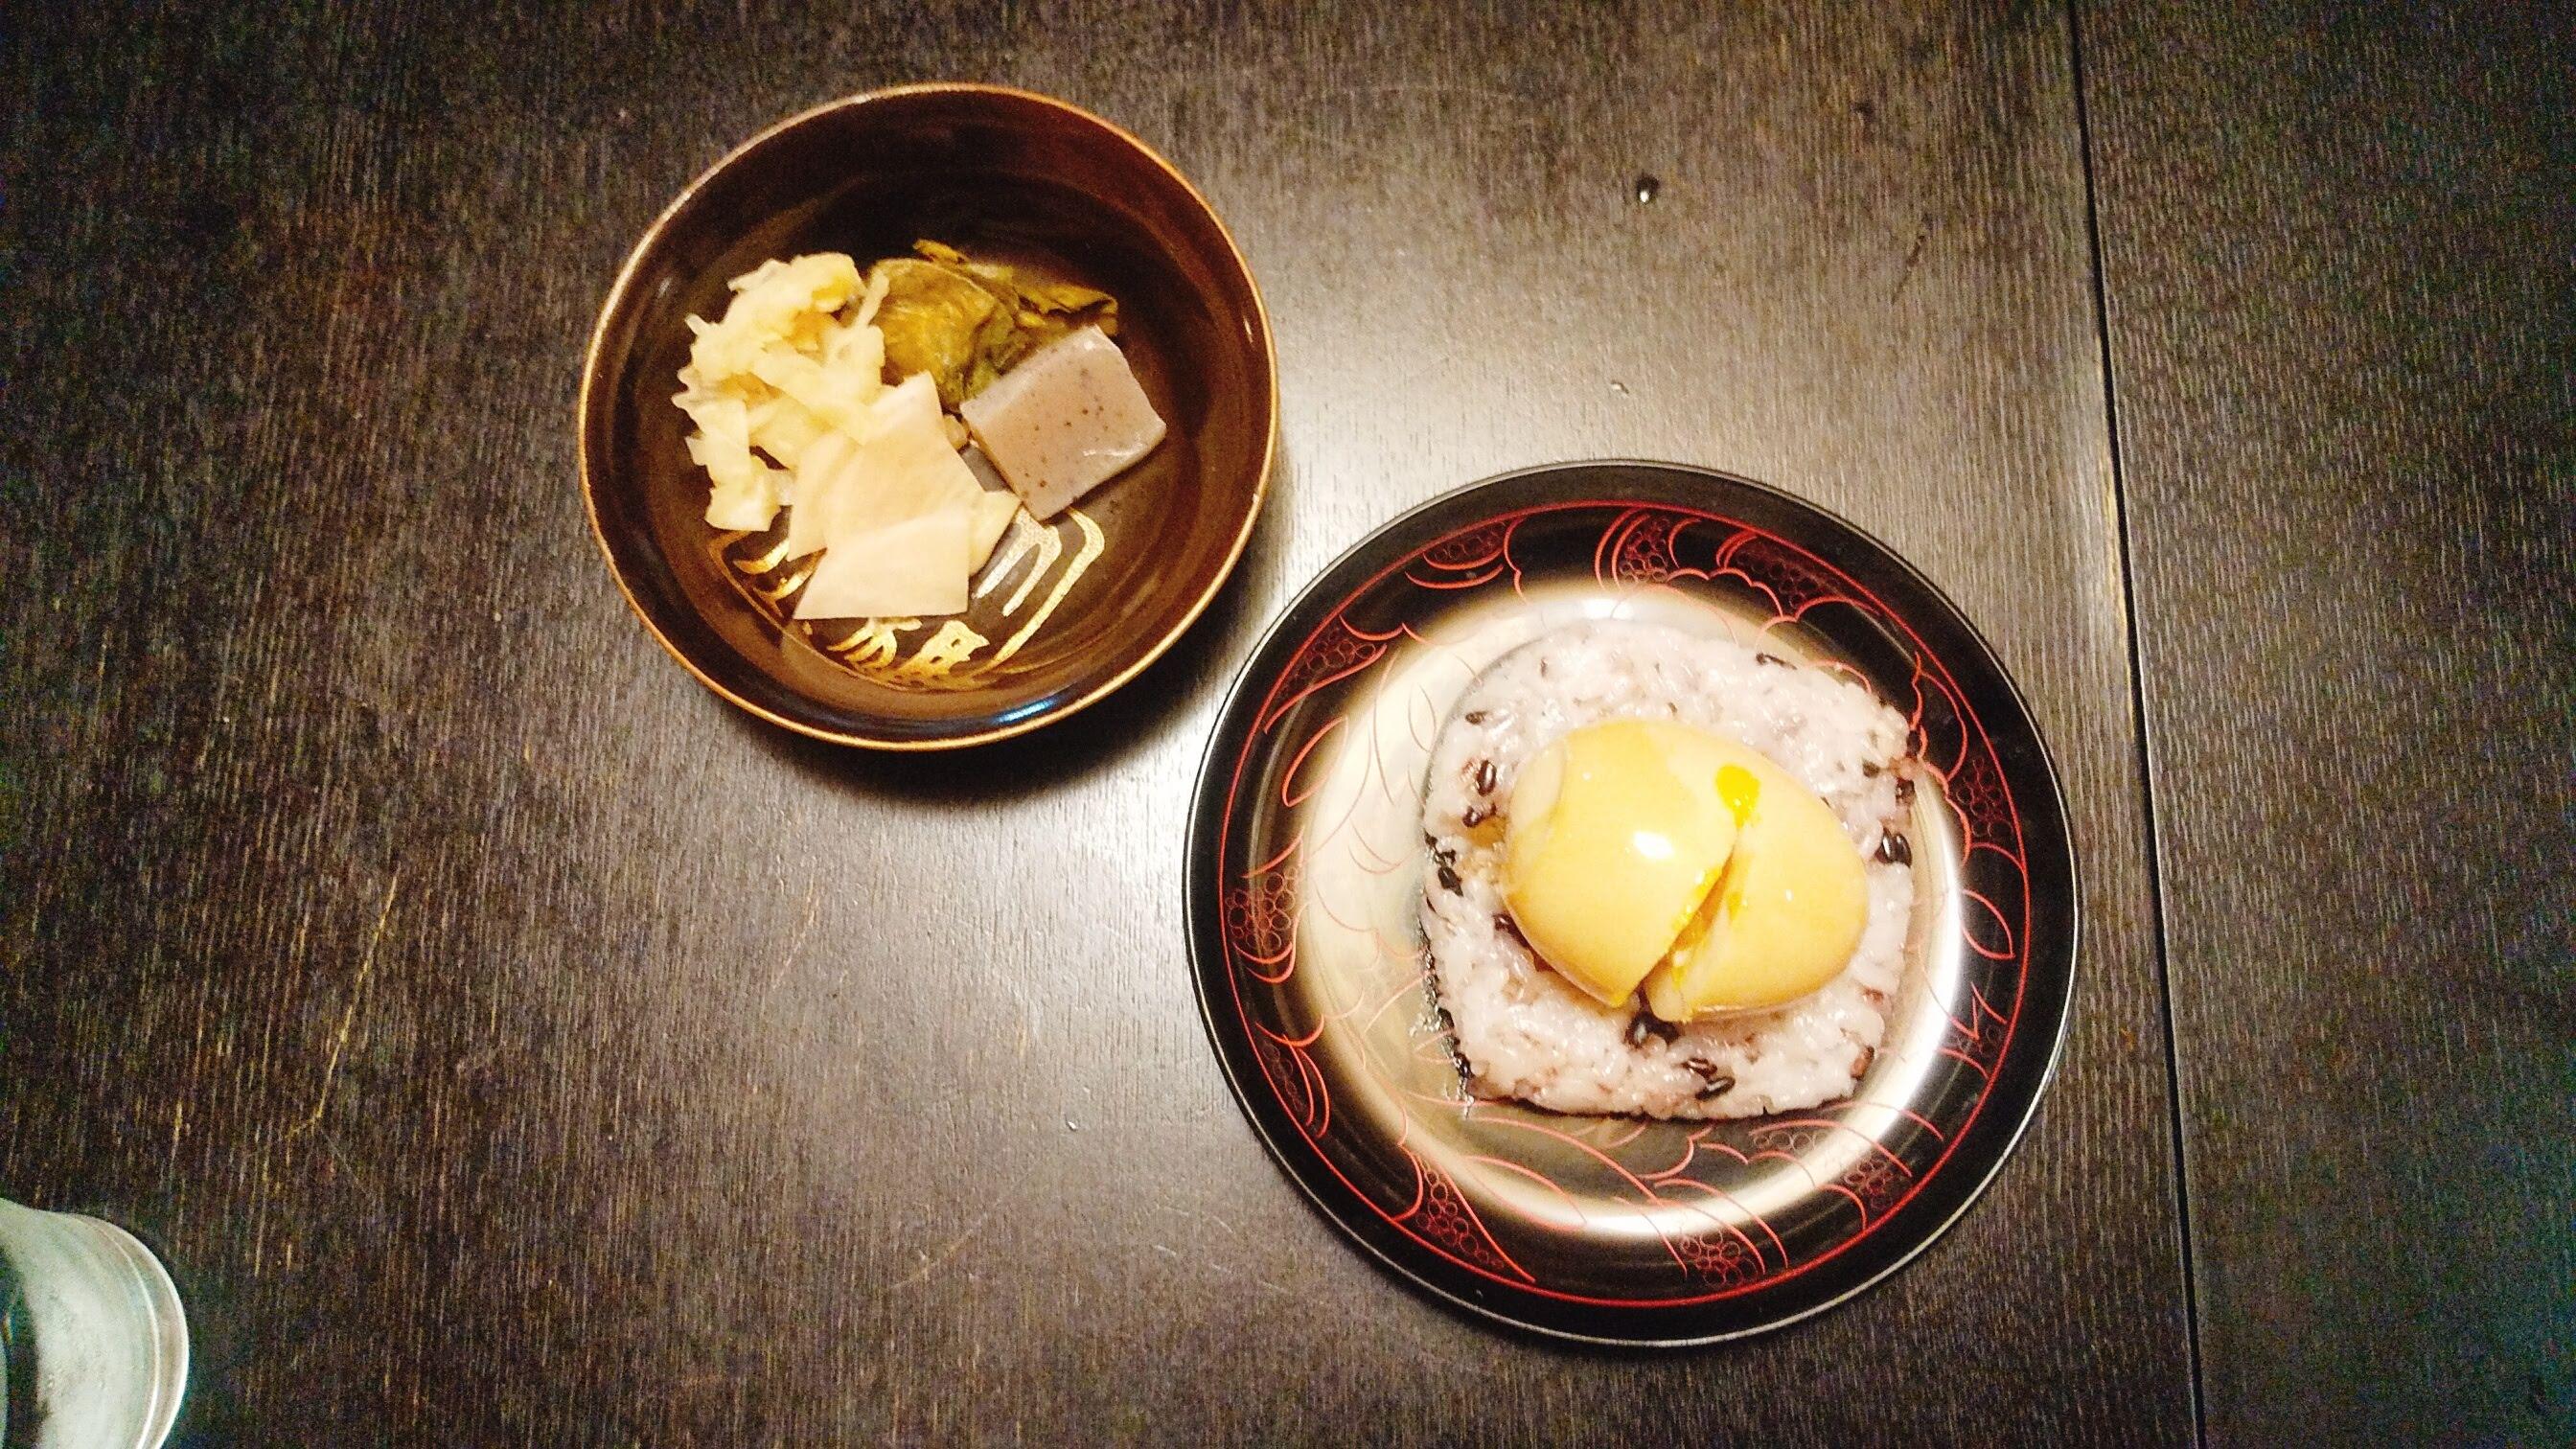 季織亭の黒米卵ごはんと自家製糠漬の写真